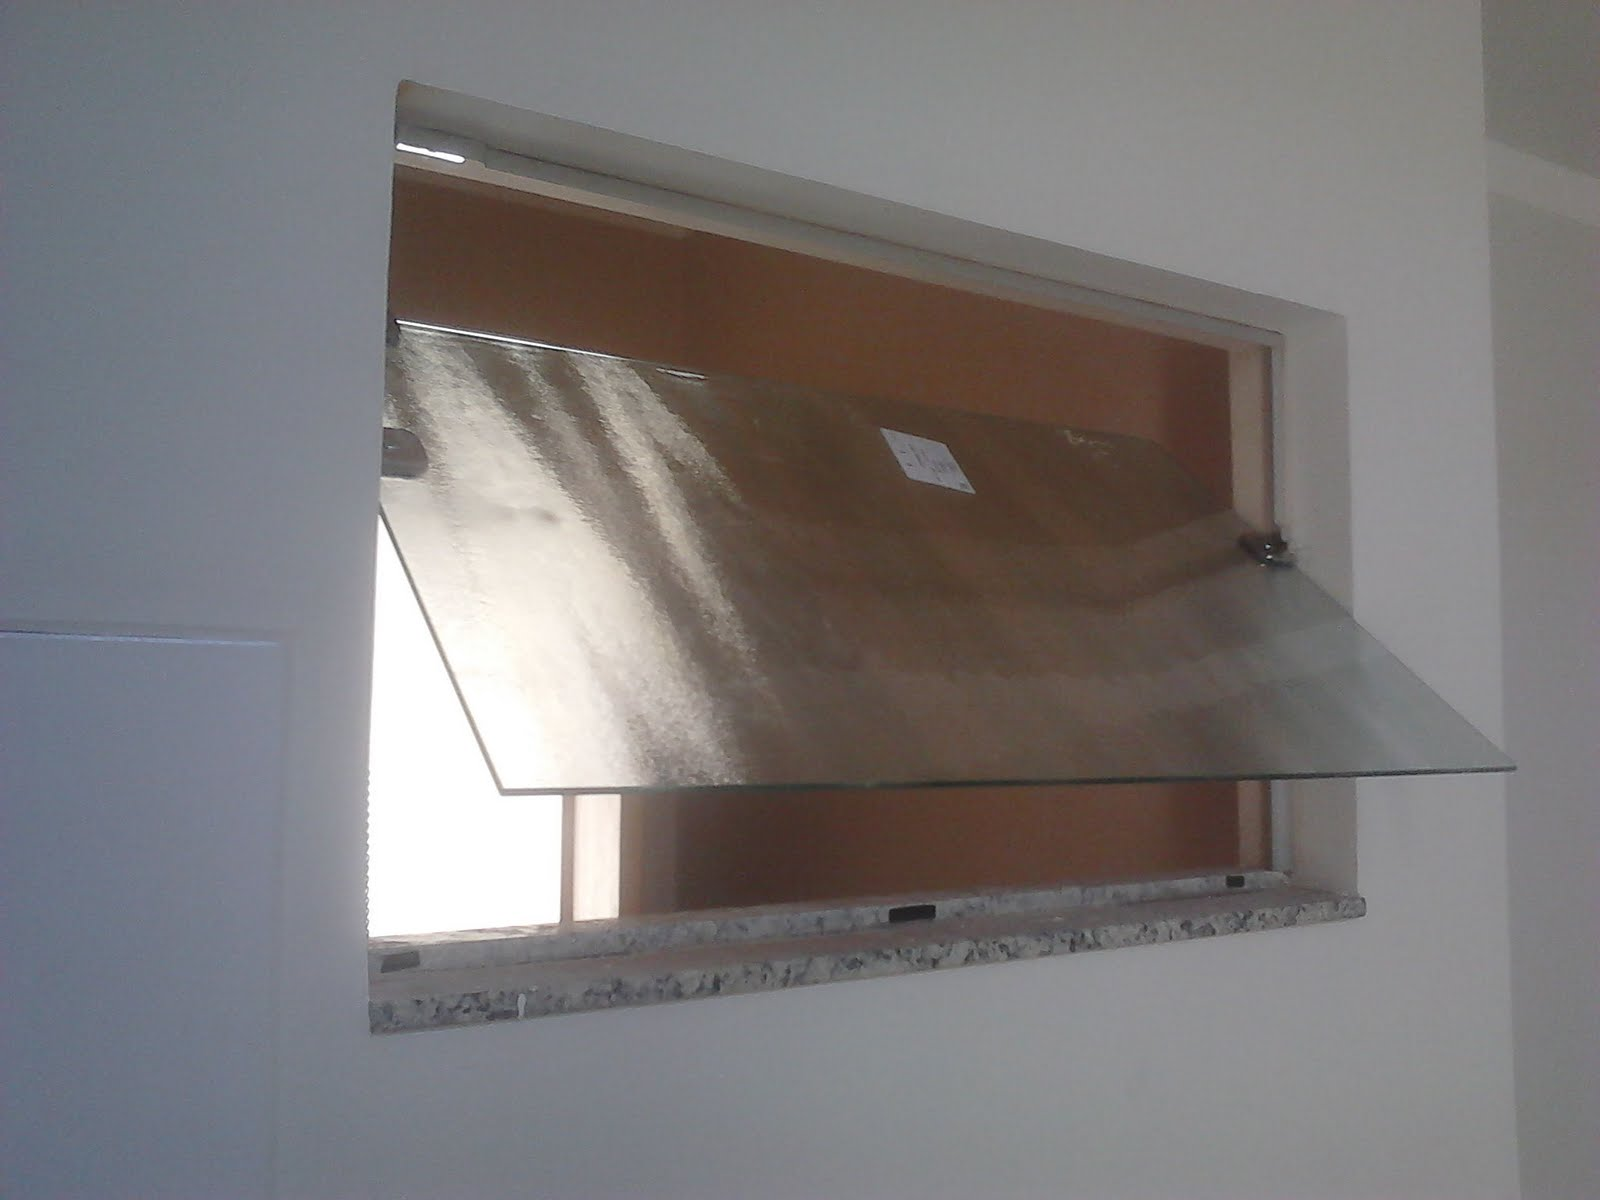 #4D3C31 Basculante de Vidro Temperado Portas e Janelas Construdeia 442 Janelas De Vidros Temperados